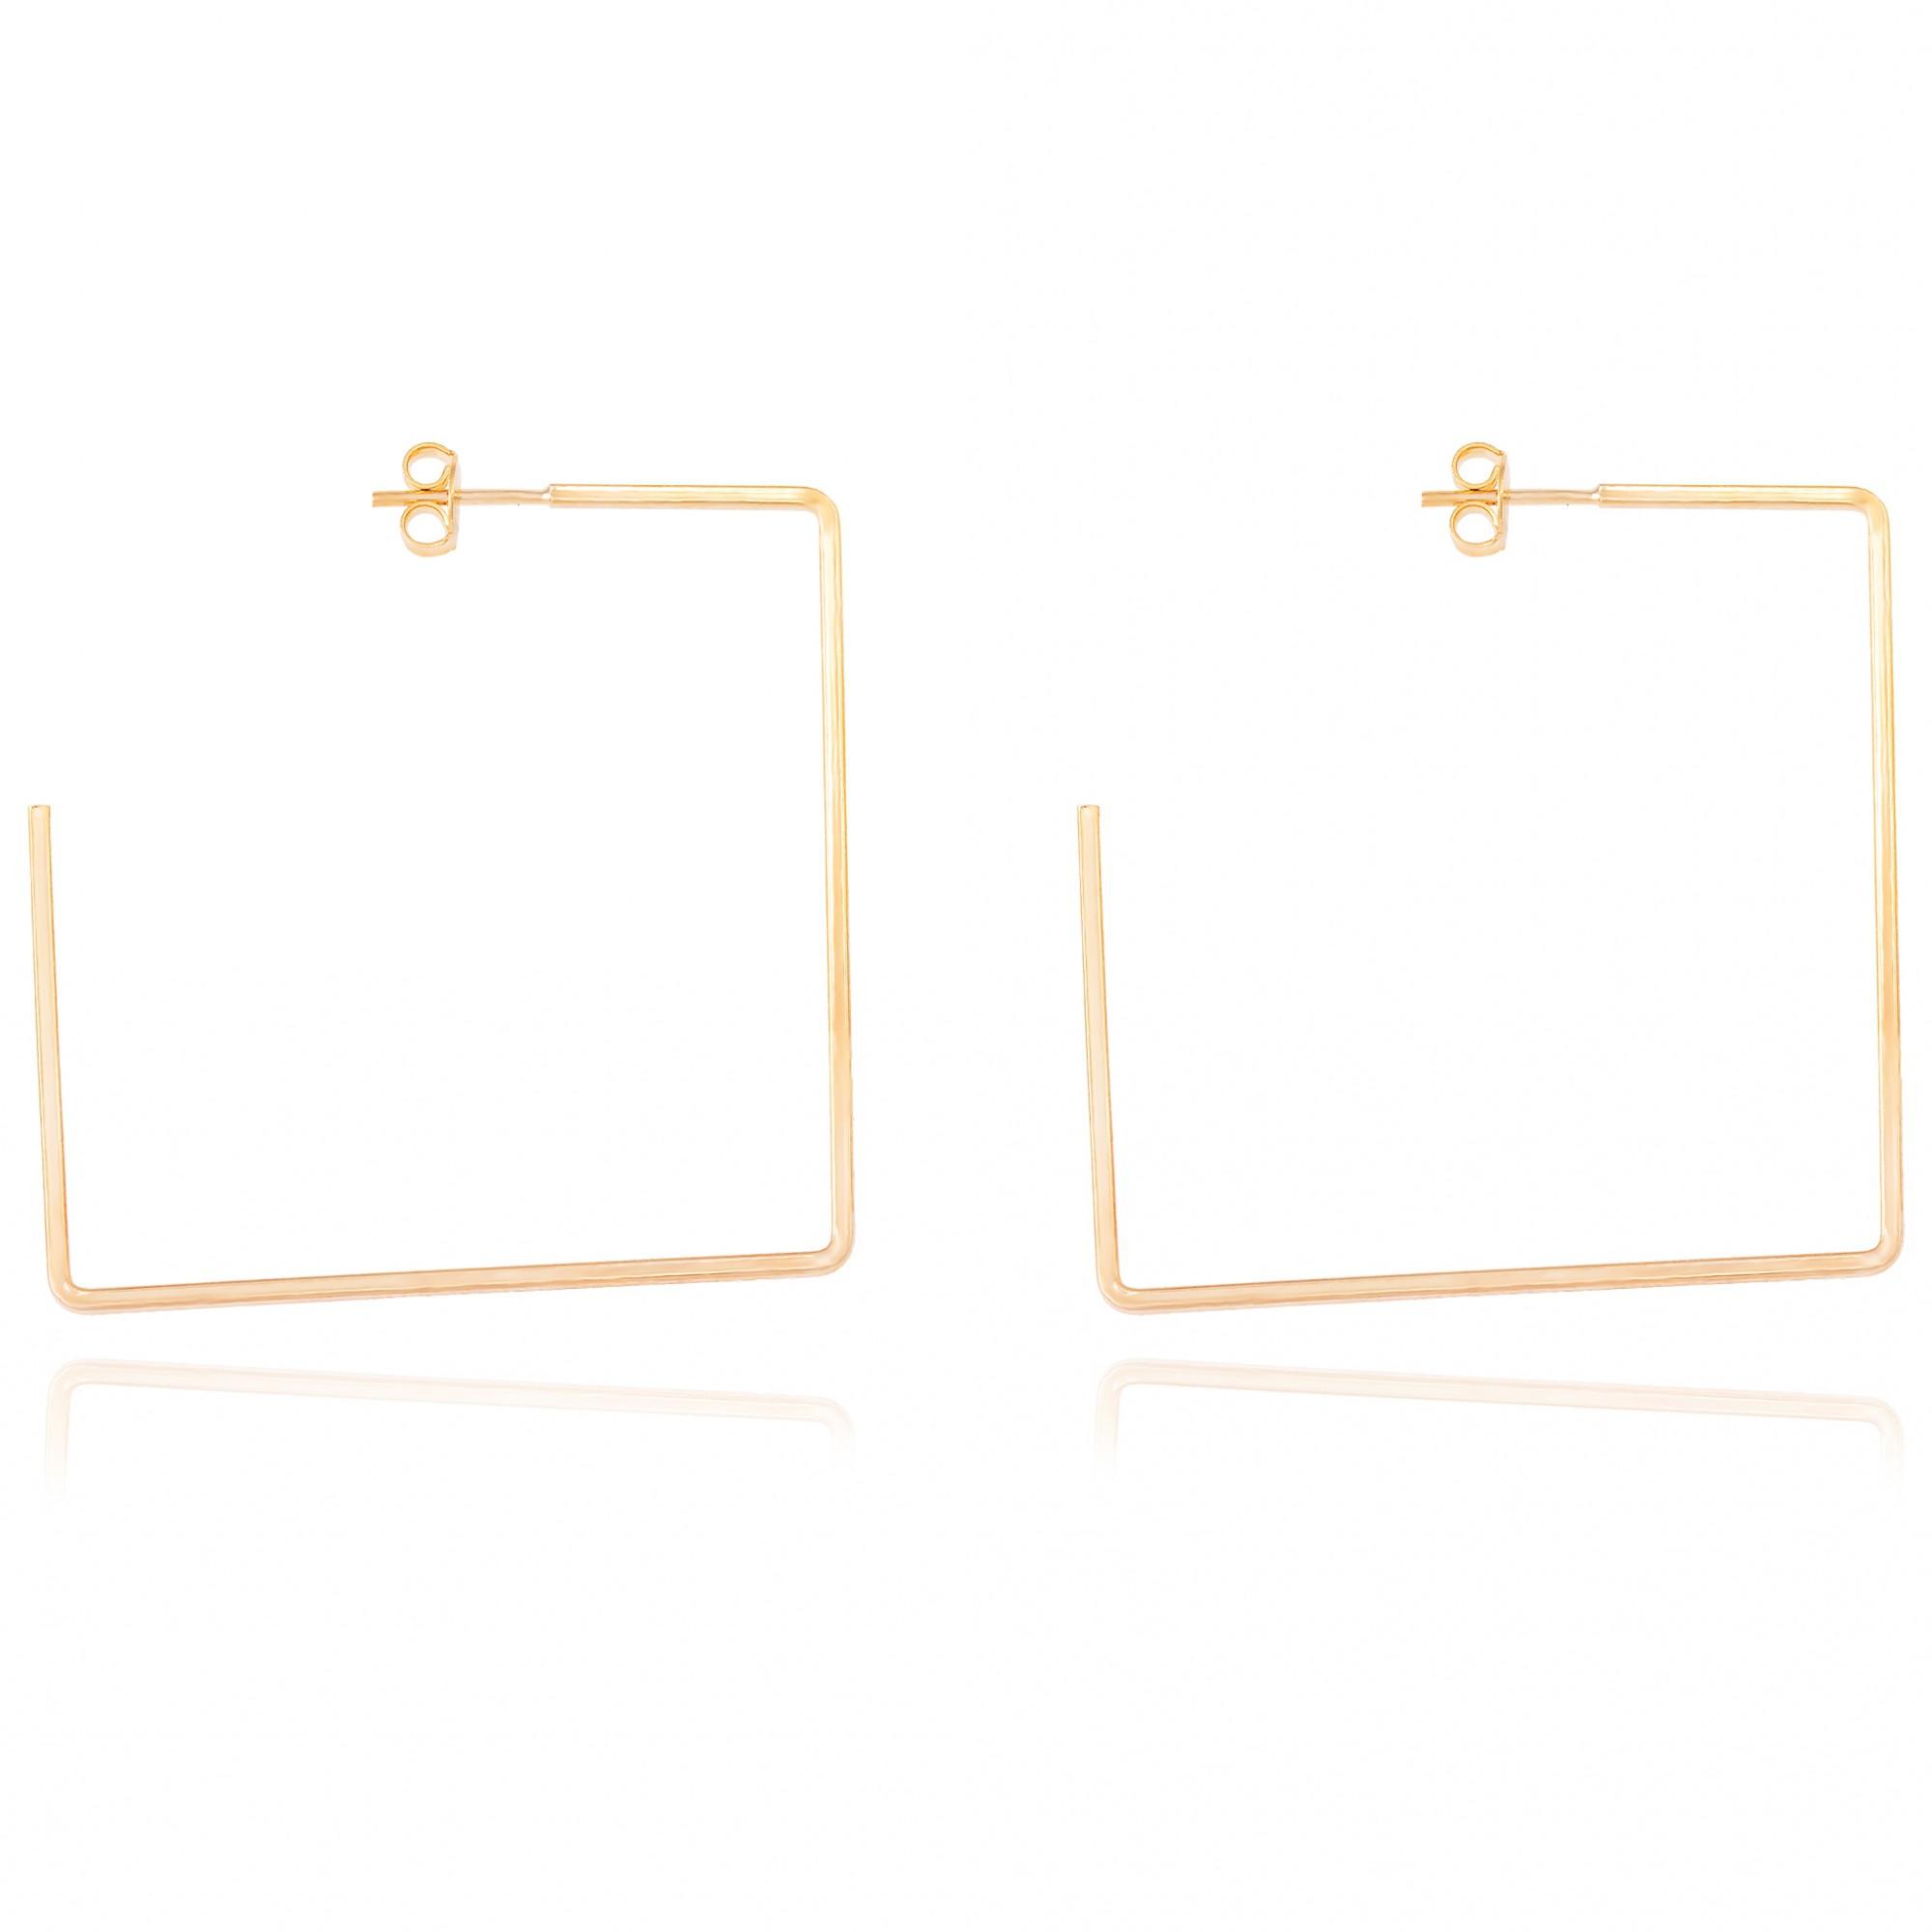 Brinco argola quadrada 4 cm banhado a ouro 18k.  - romabrazil.com.br